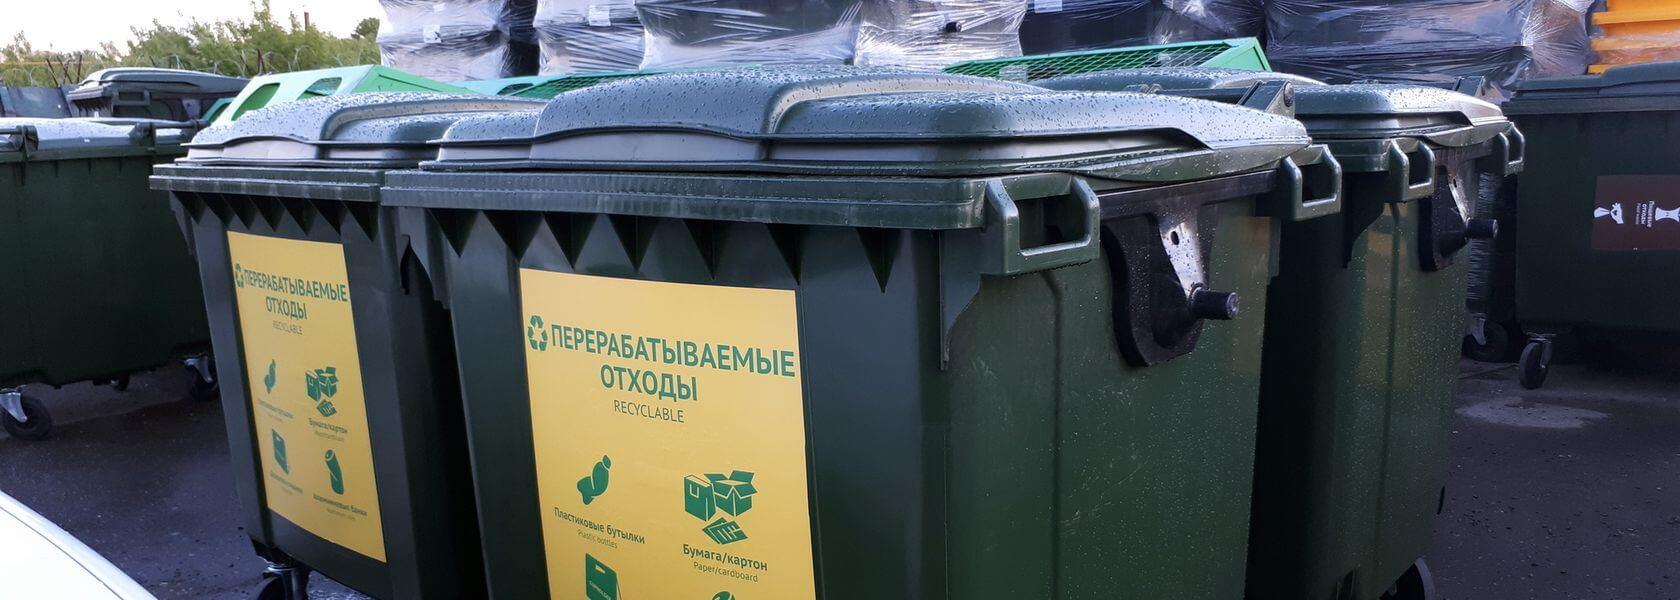 Отходы в контейнере